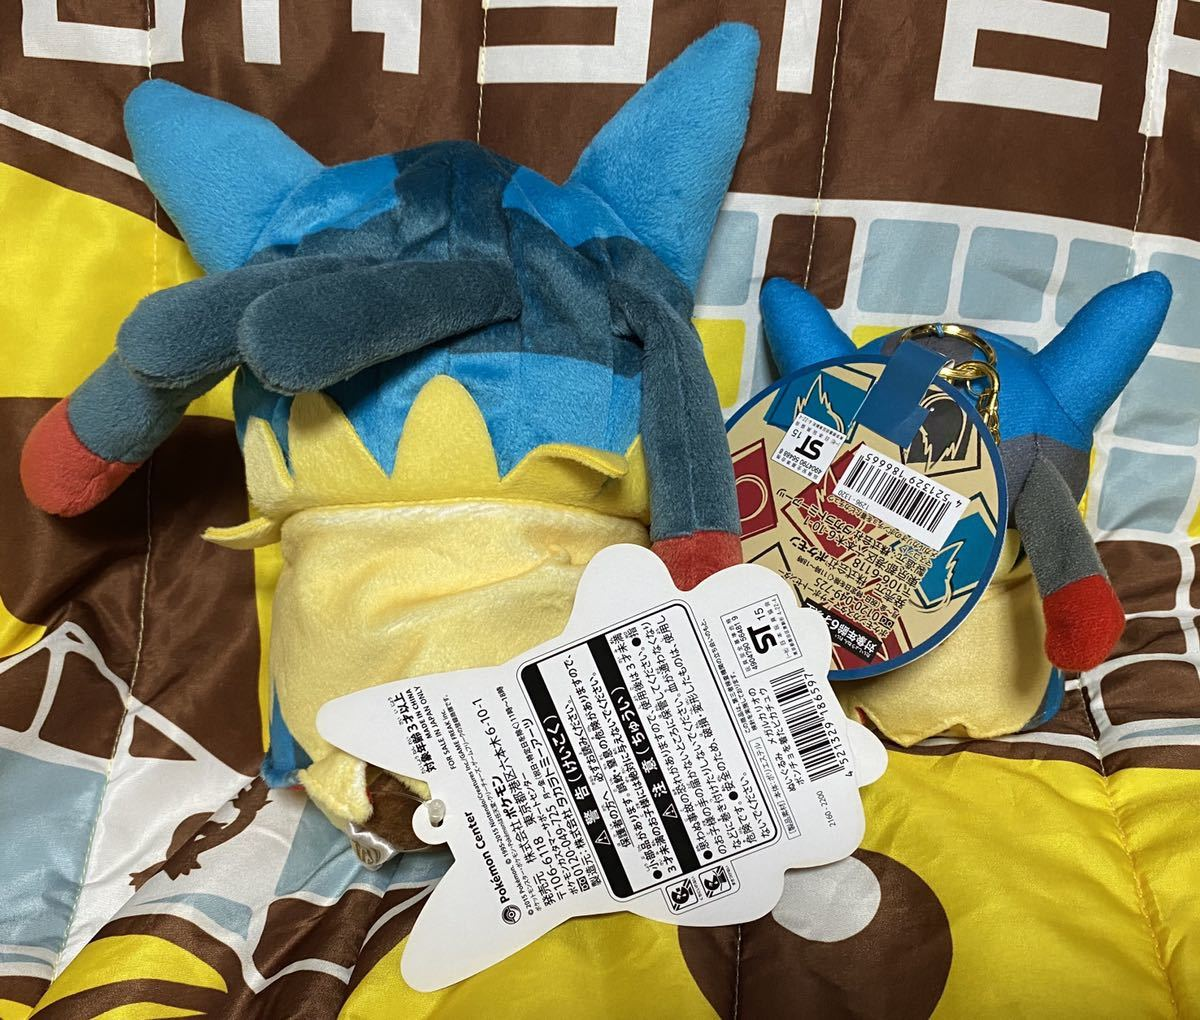 ポケットモンスター ぬいぐるみ マスコット メガルカリオのポンチョを着たピカチュウ 2種セット 国内正規品 ポケモンセンター限定_画像2